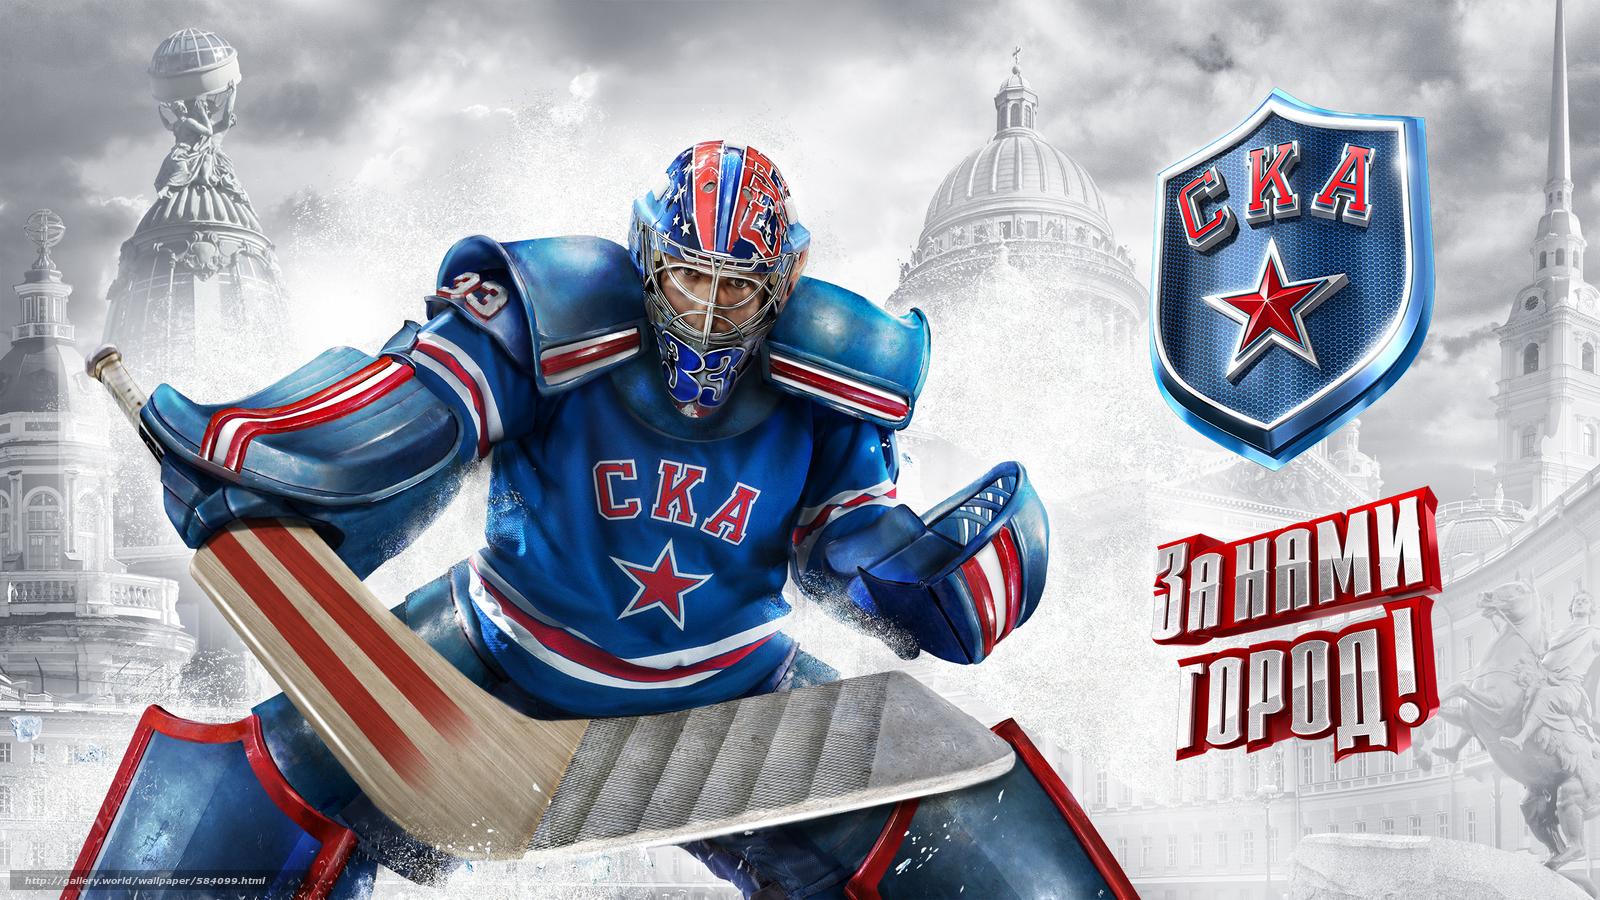 Обои хоккей на рабочий стол 1920х1080 4